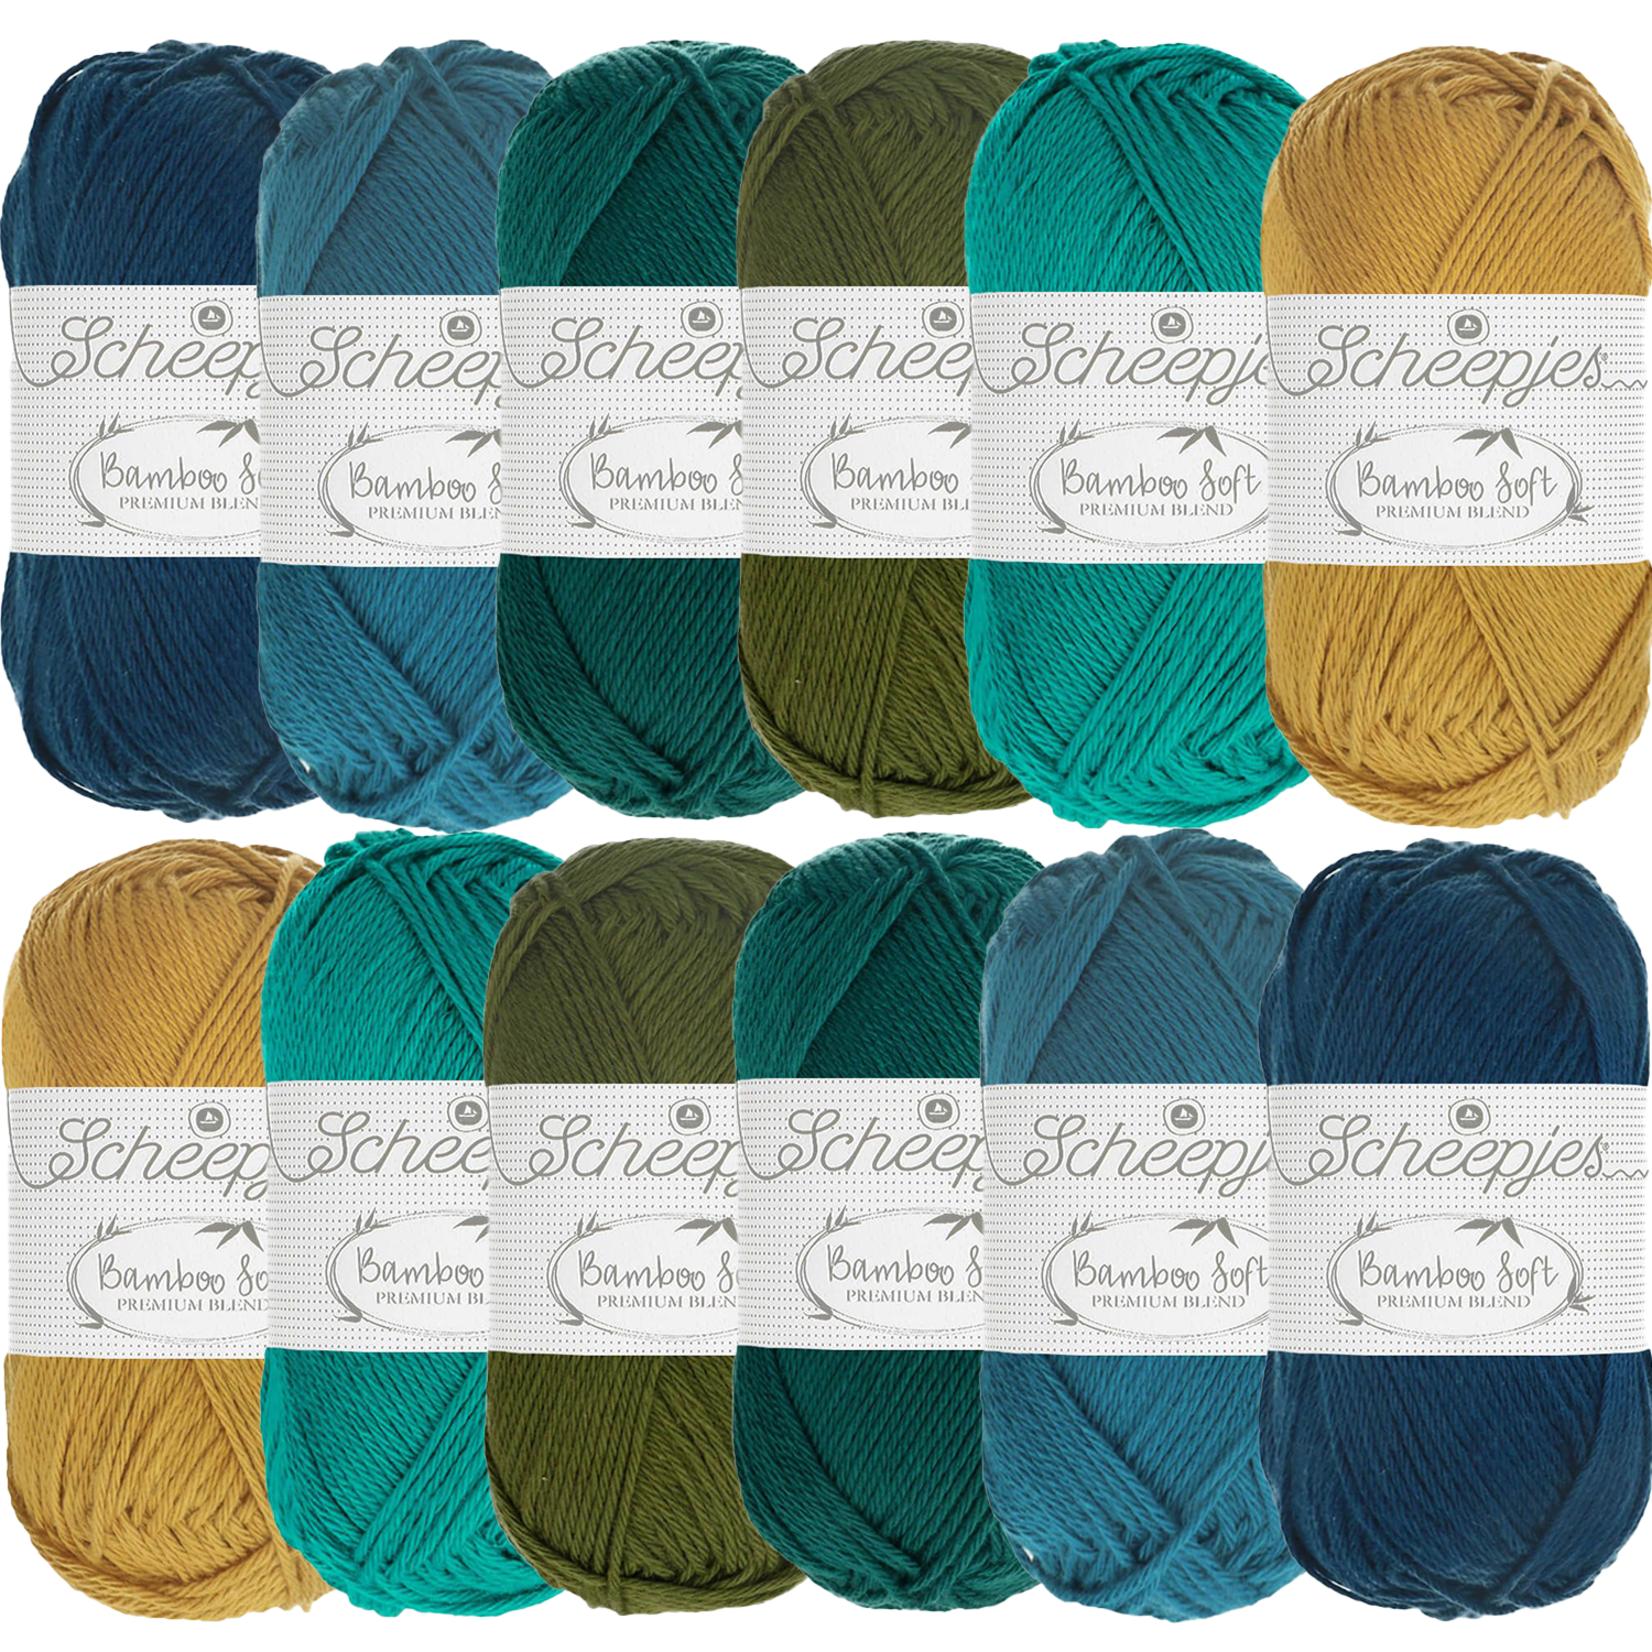 Scheepjes Scheepjes Bamboo Soft Assortiment Blauw- 6 kleuren blauwtinten per 2 bollen van 50 gr. = 12 bollen